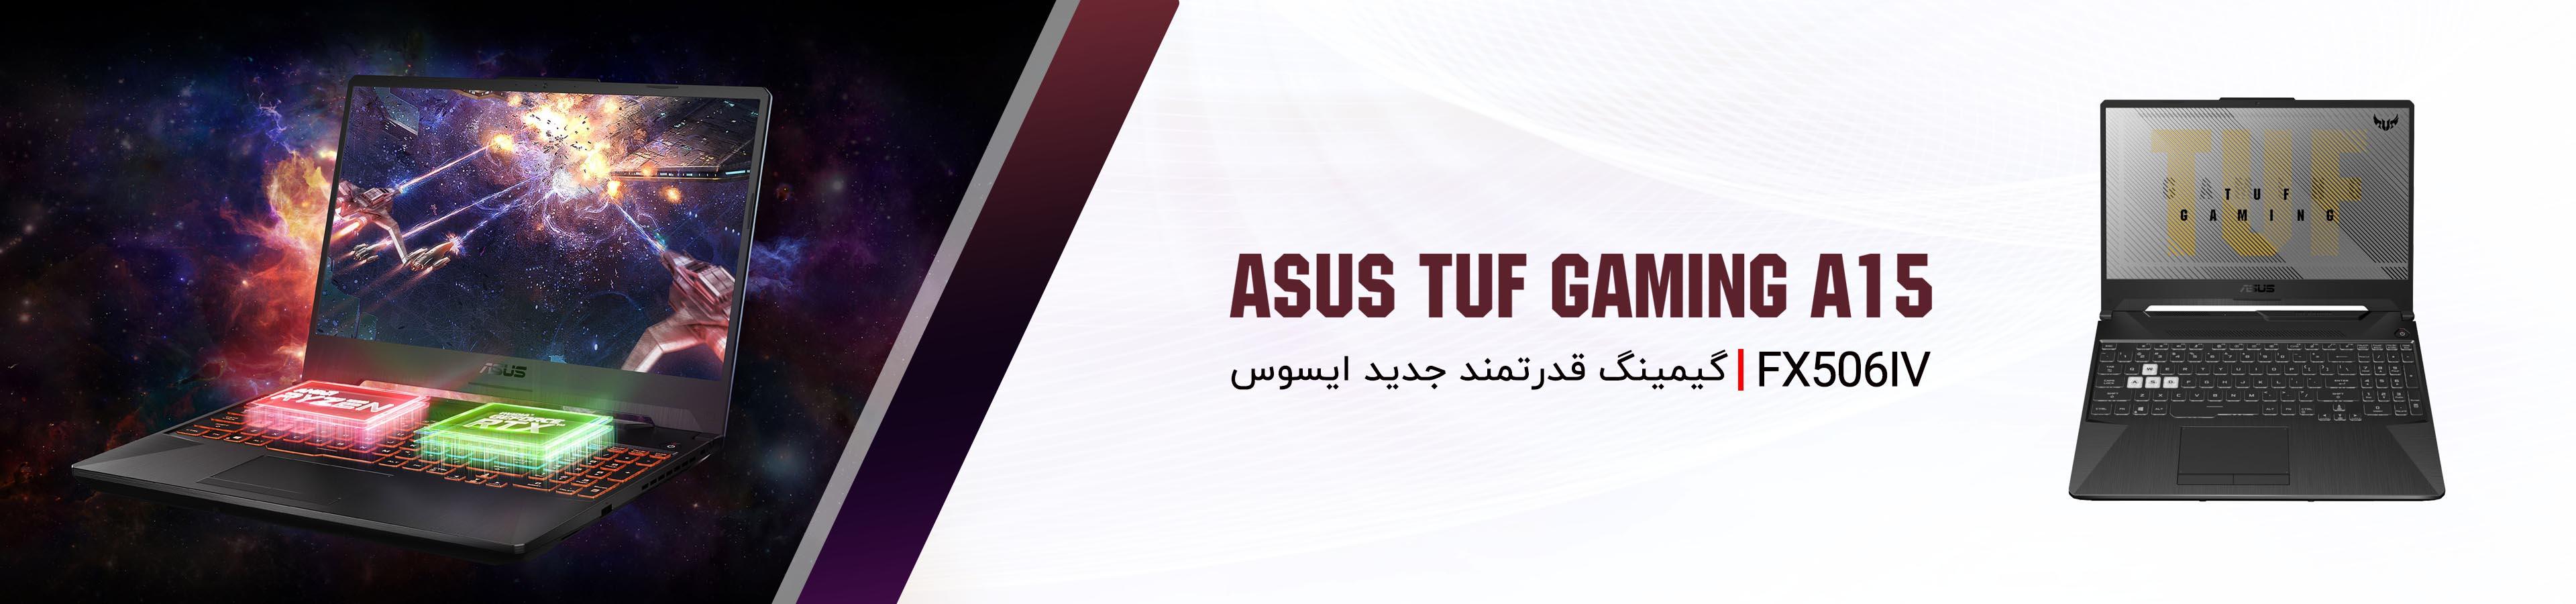 Asus-TUF-FX506IV